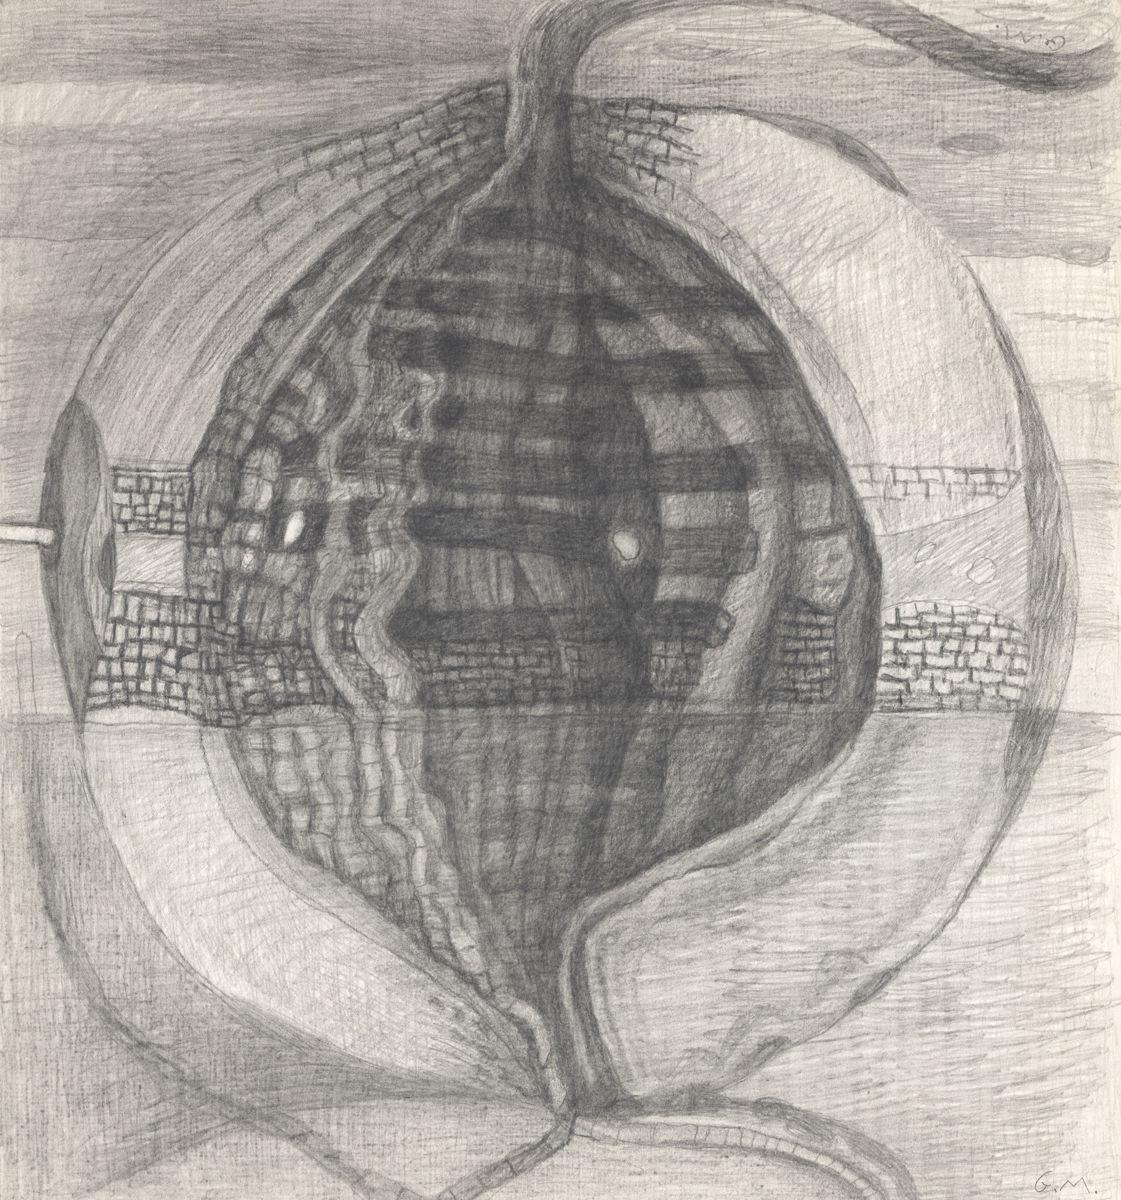 Az ezerbőrű lélek II. - p. cer. 42x38 cm (2010)